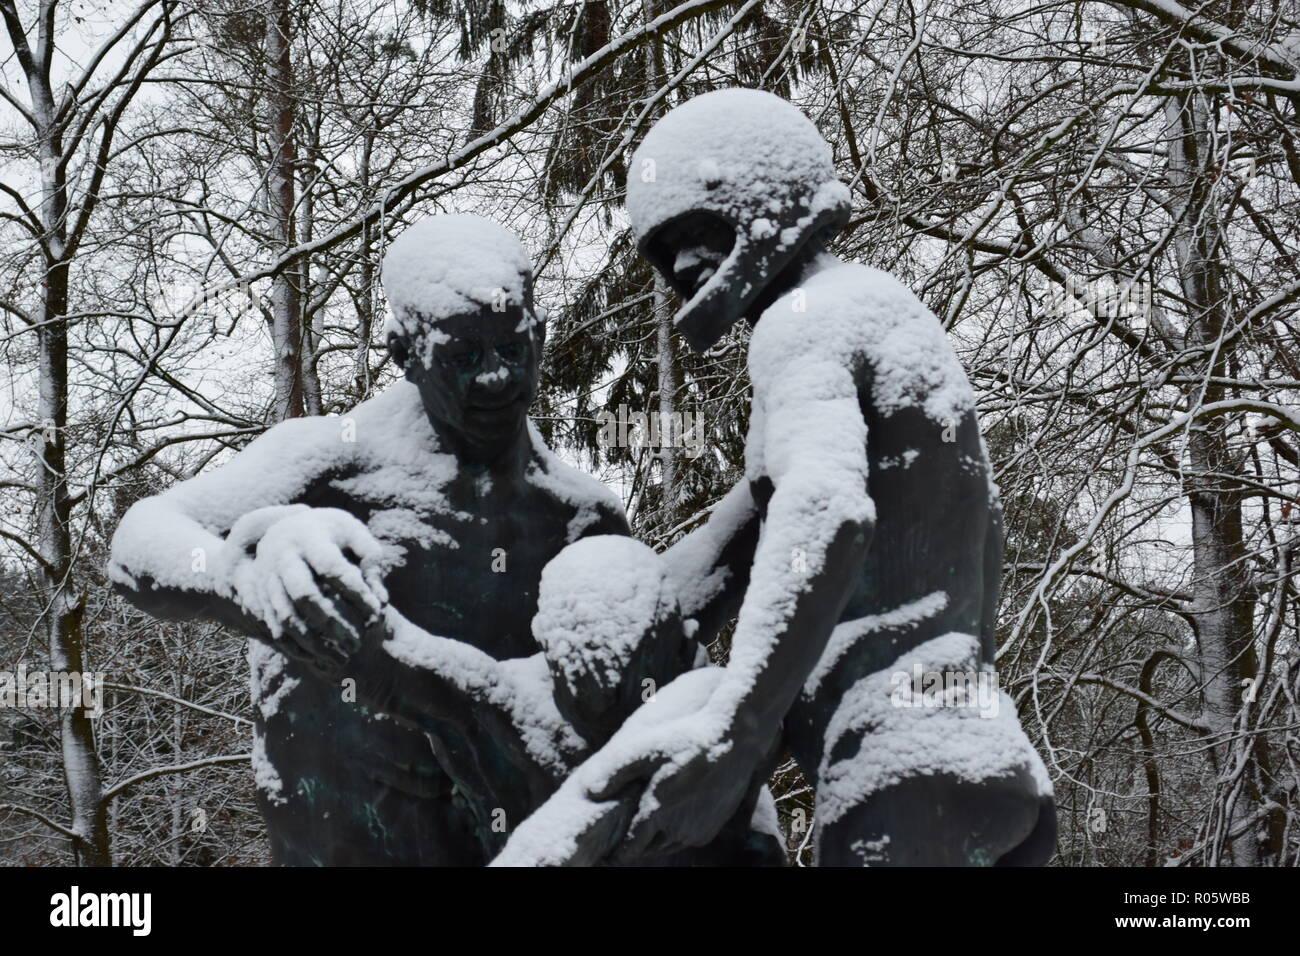 Eine Bronzestatue im Schnee am Soldatenfriedhof in Reimsbach abgedeckt zeigt zwei Männer, die ein tödliches Opfer als Symbol für die Hilflosigkeit der Menschen. Stockbild